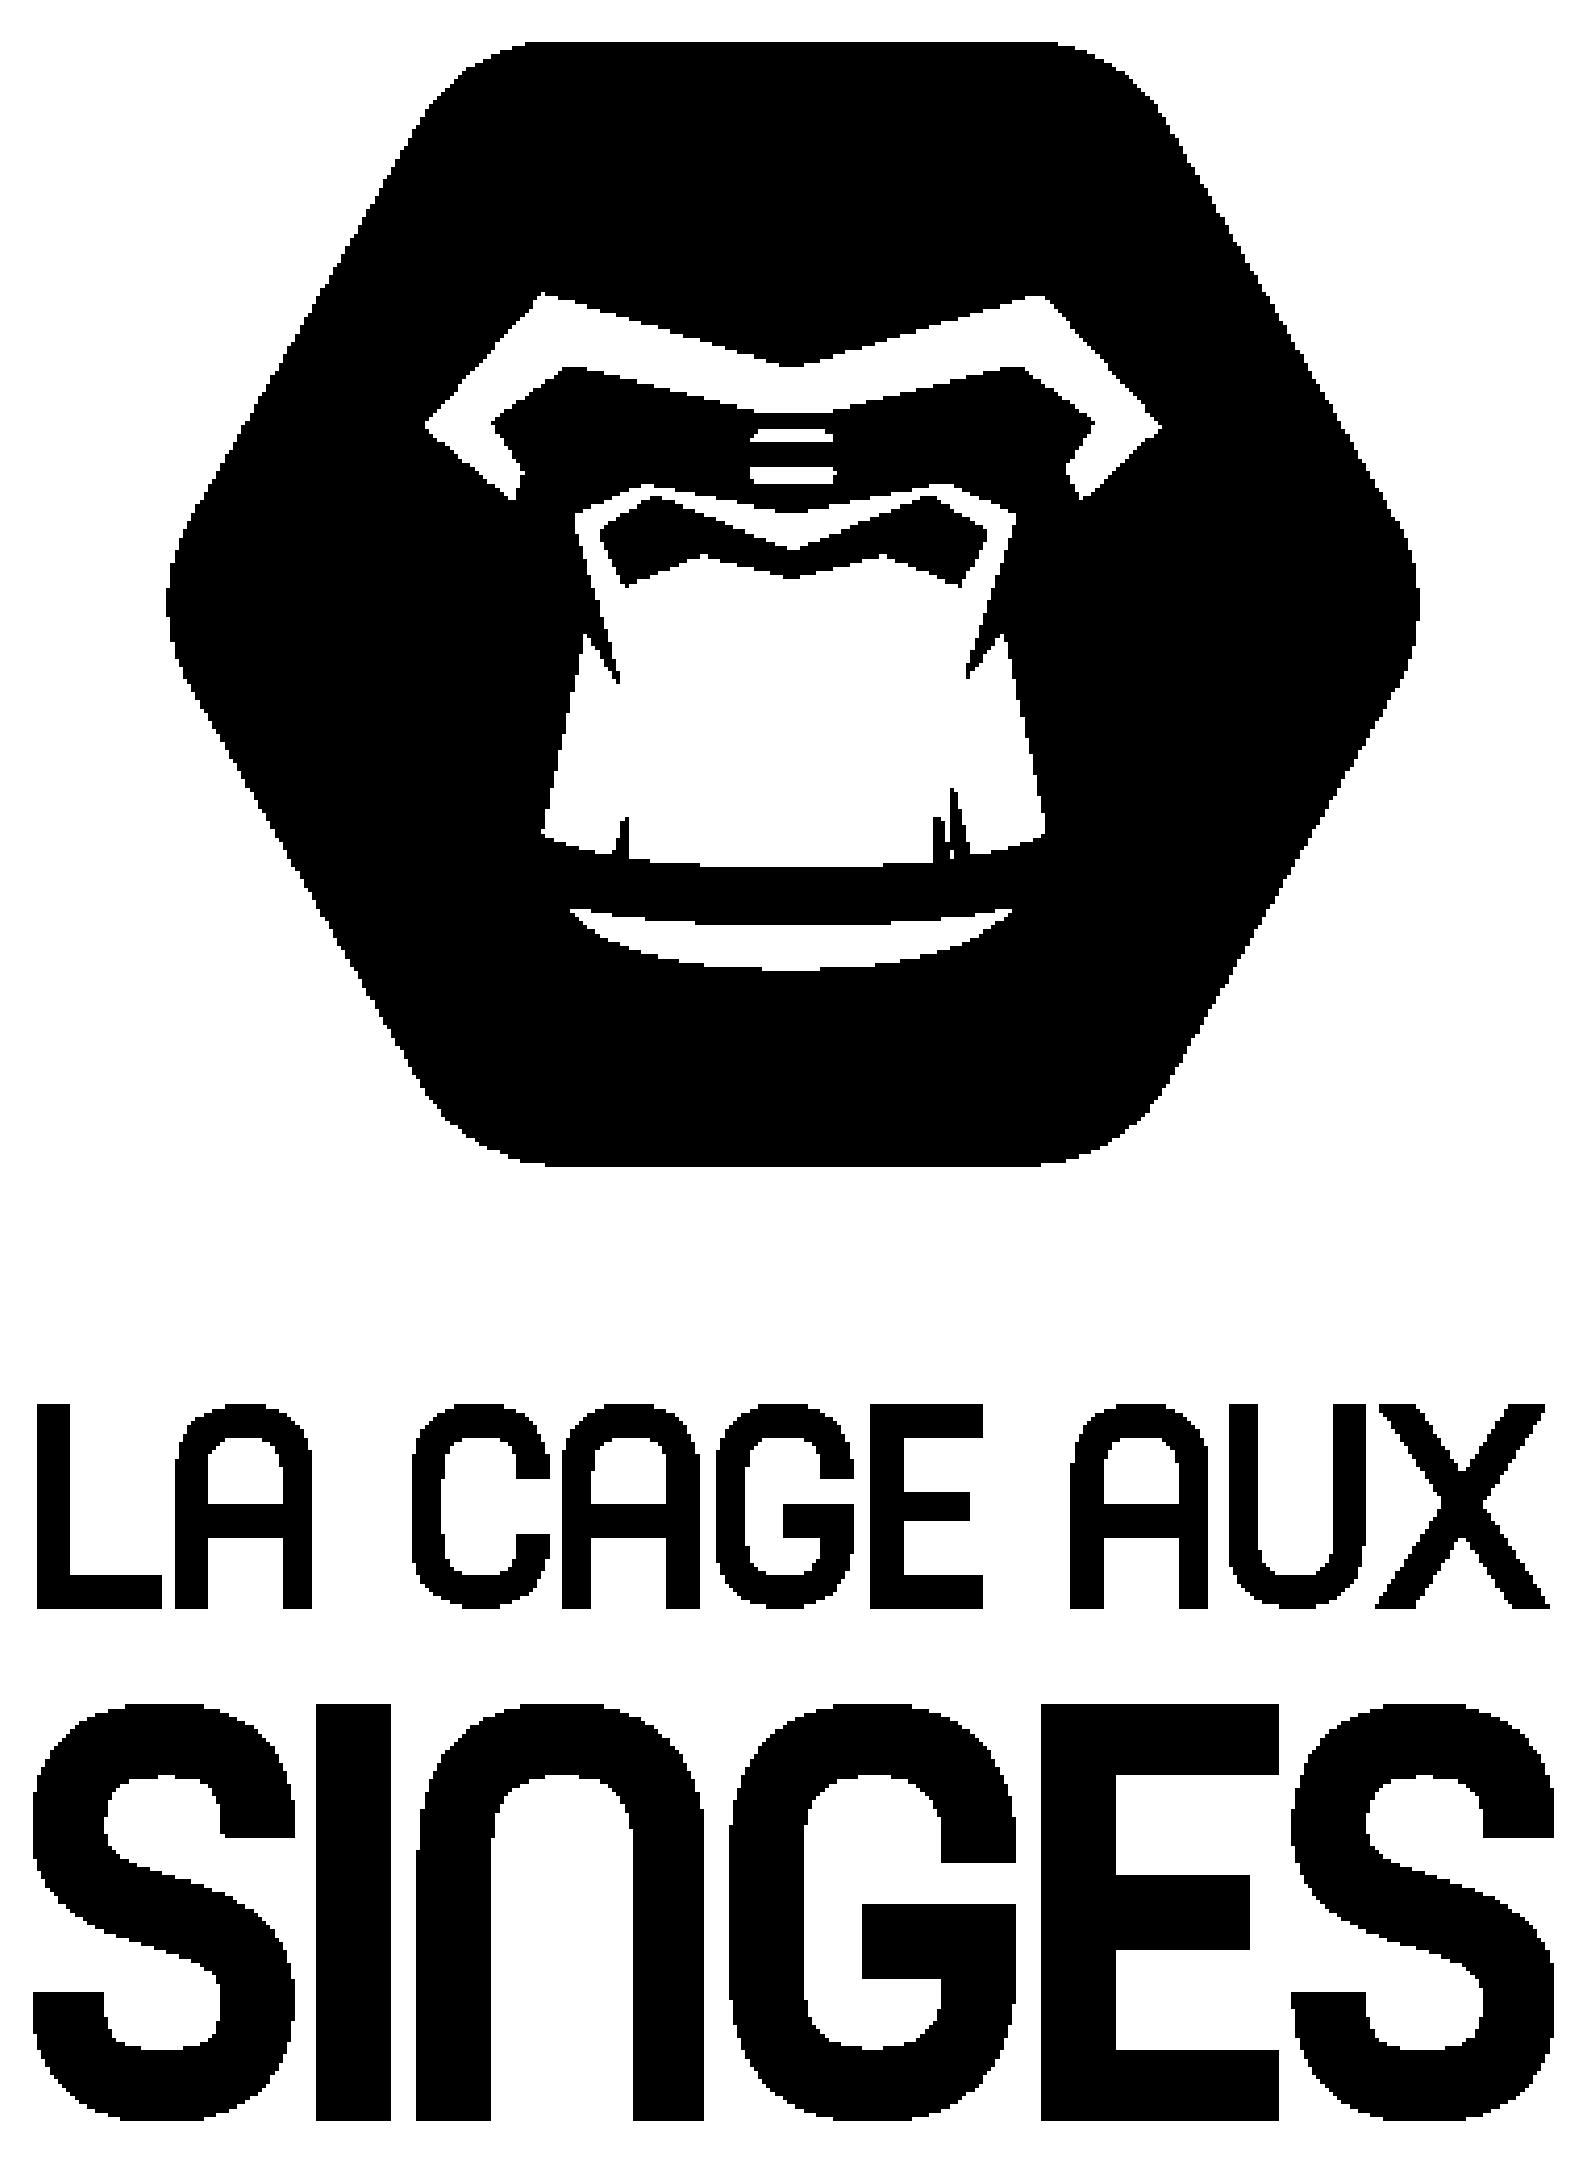 LCAS Agency